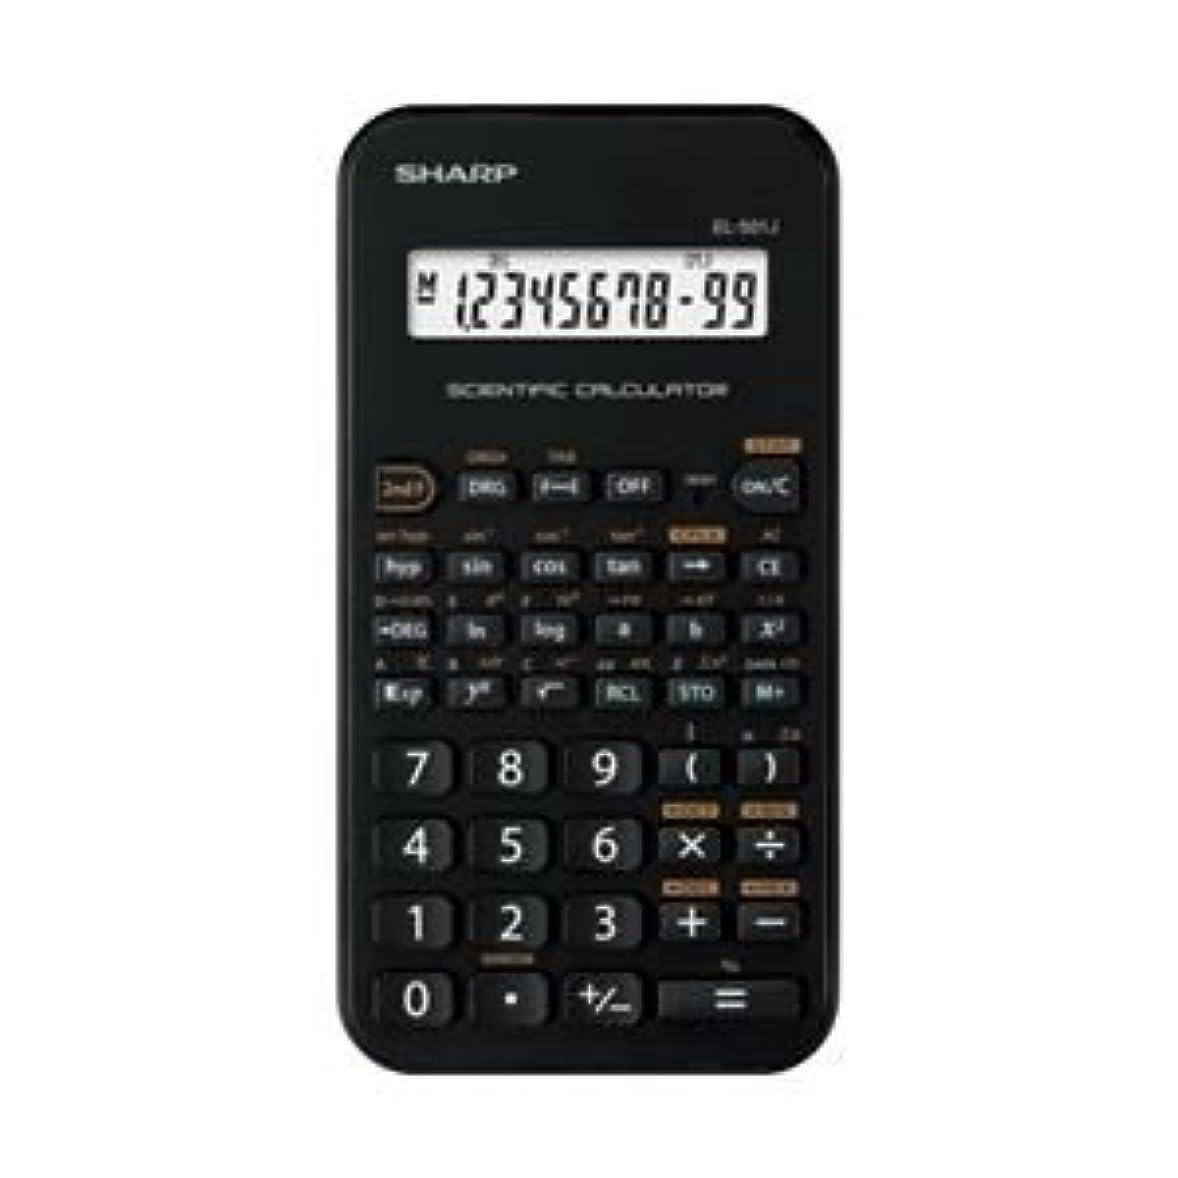 発明する予約競争シャープ スタンダード関数電卓 10桁68関数 EL-501J-X